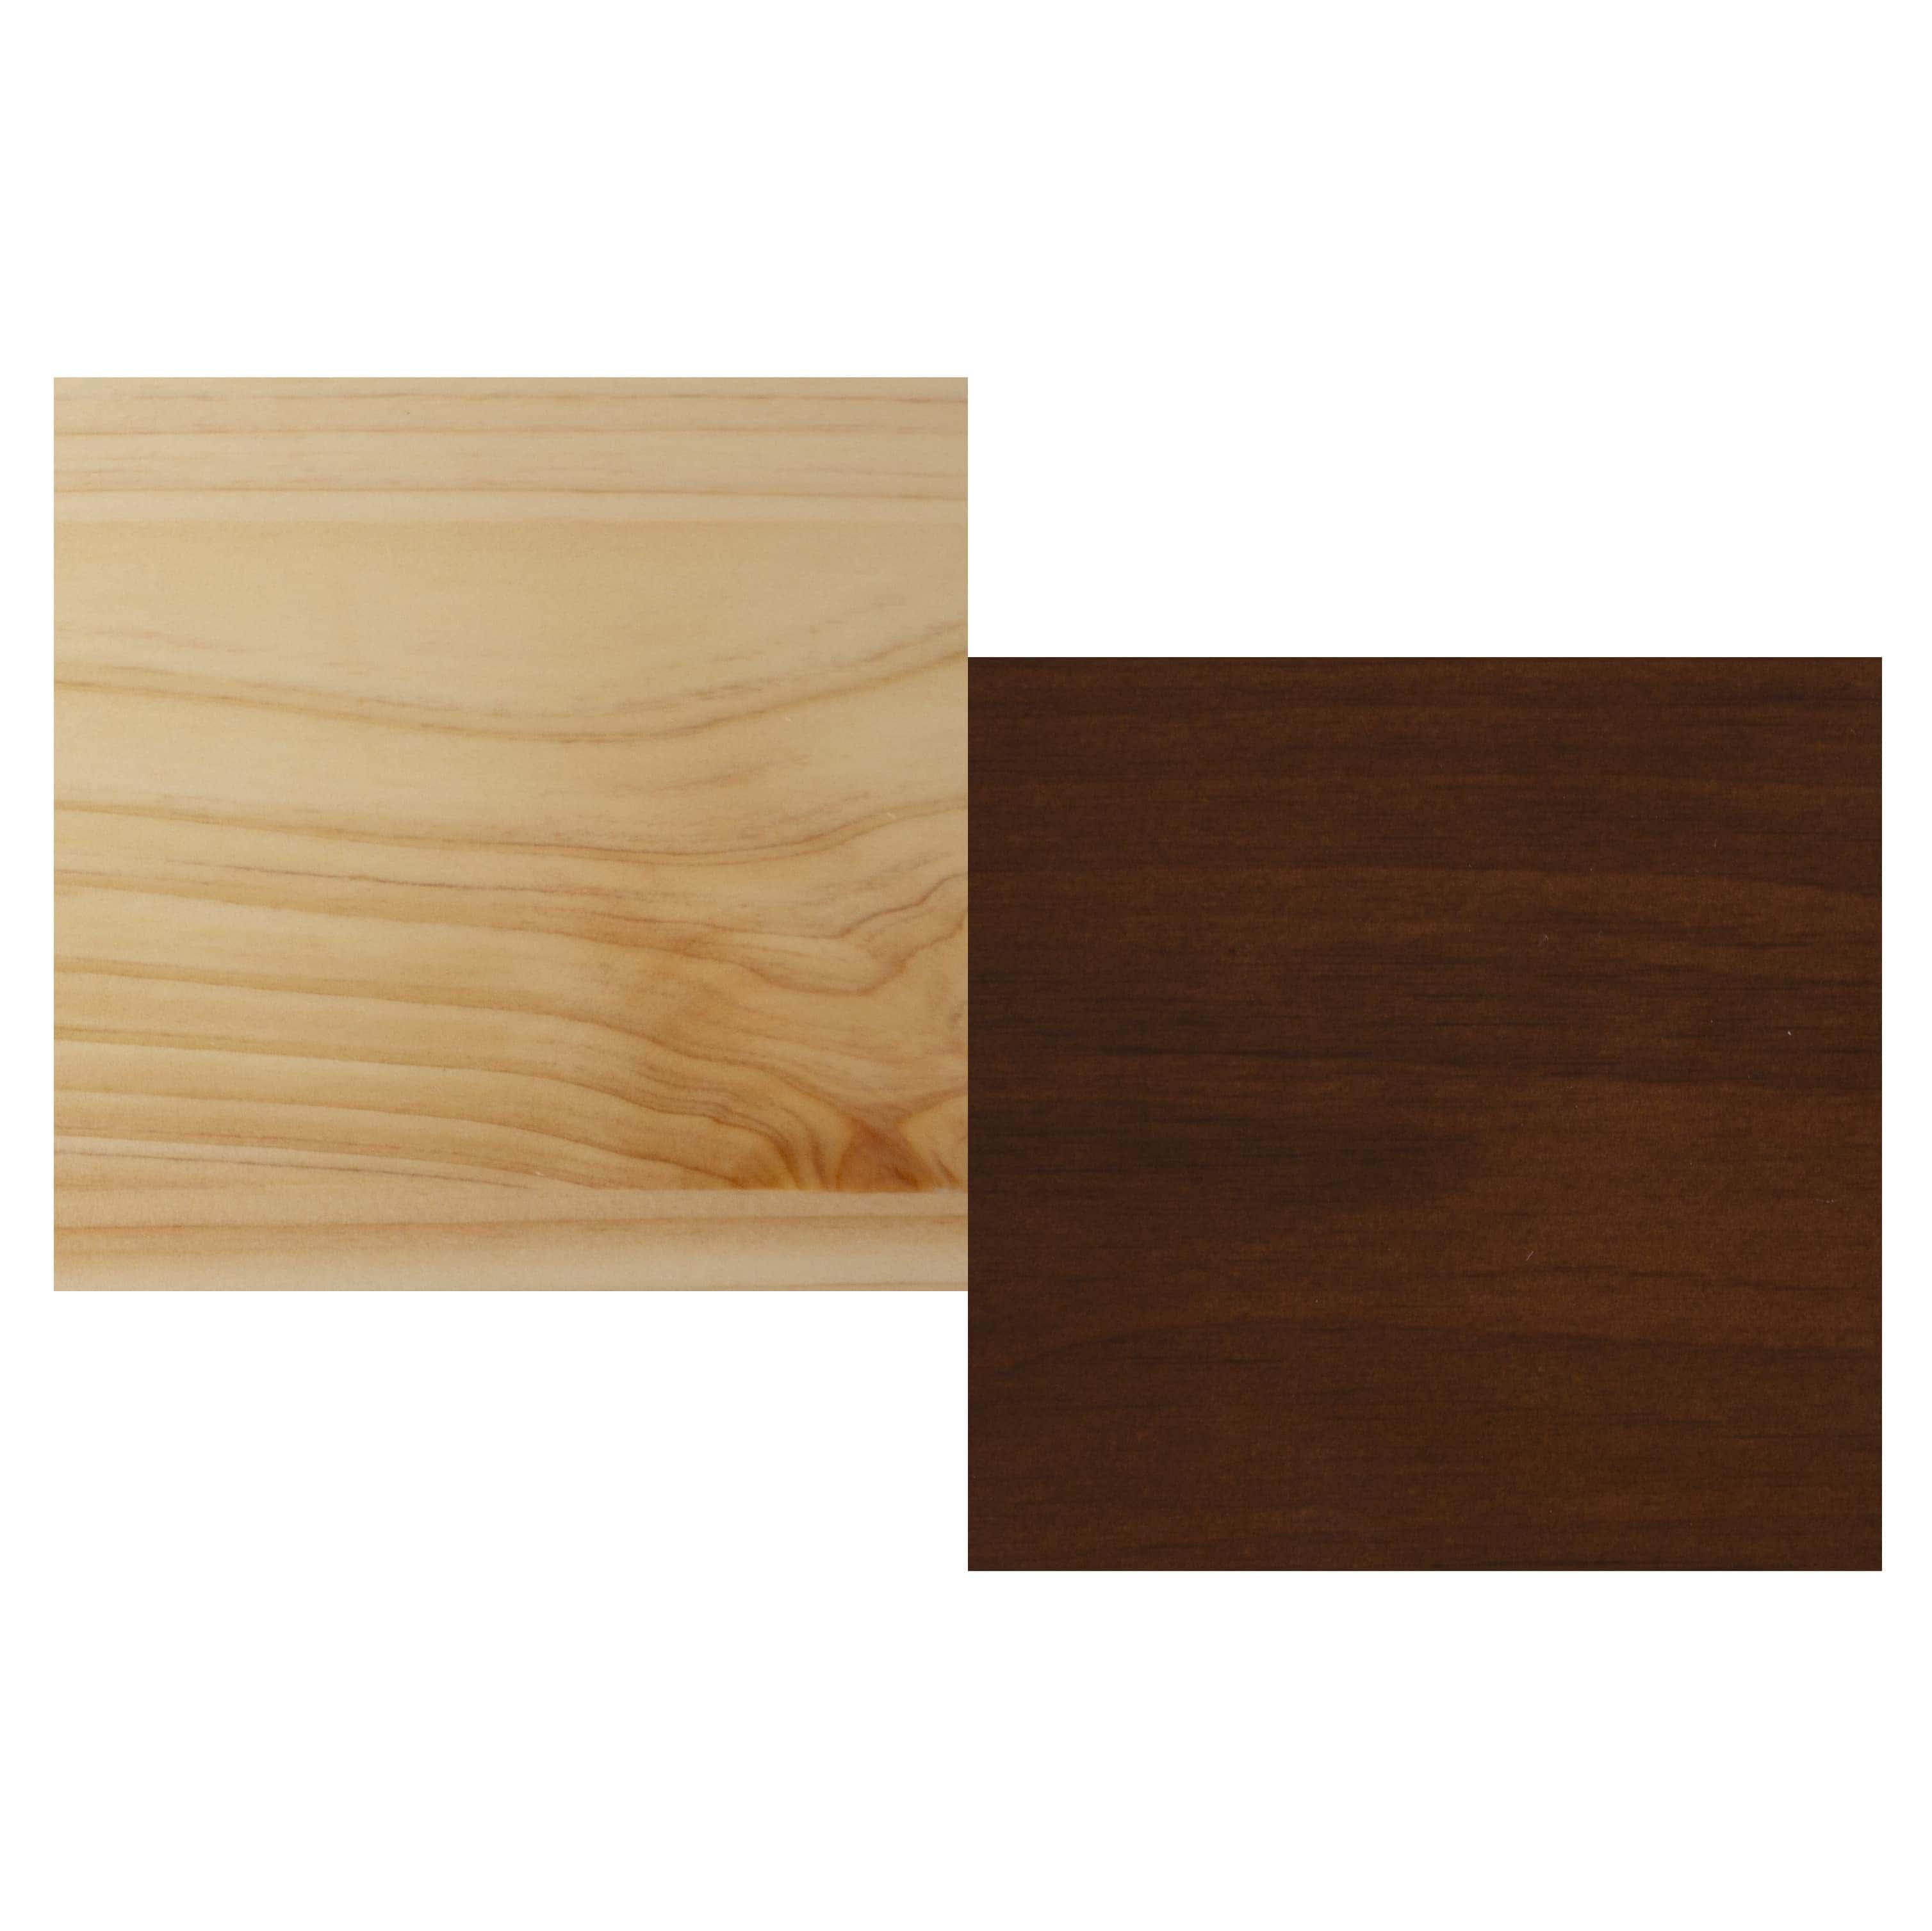 ベンチ 柚110ベンチ LBR/GRE:選べる木部2色